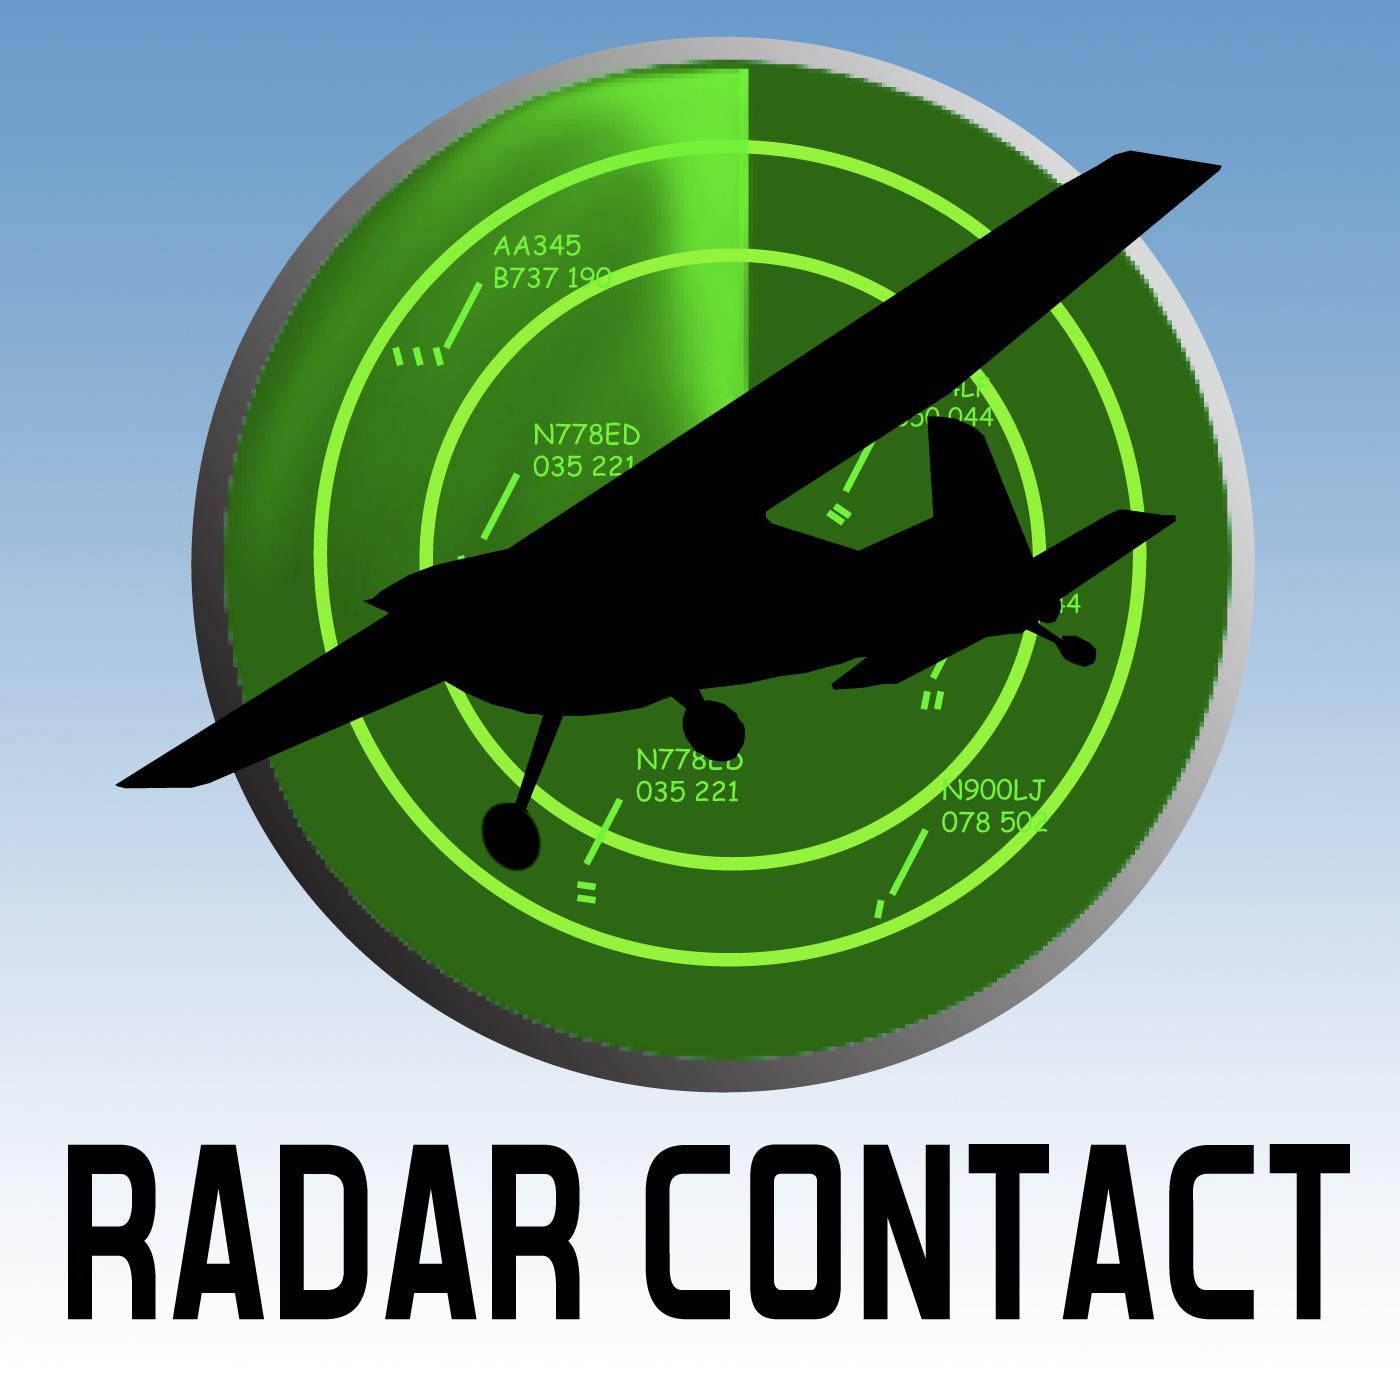 ATC Communication